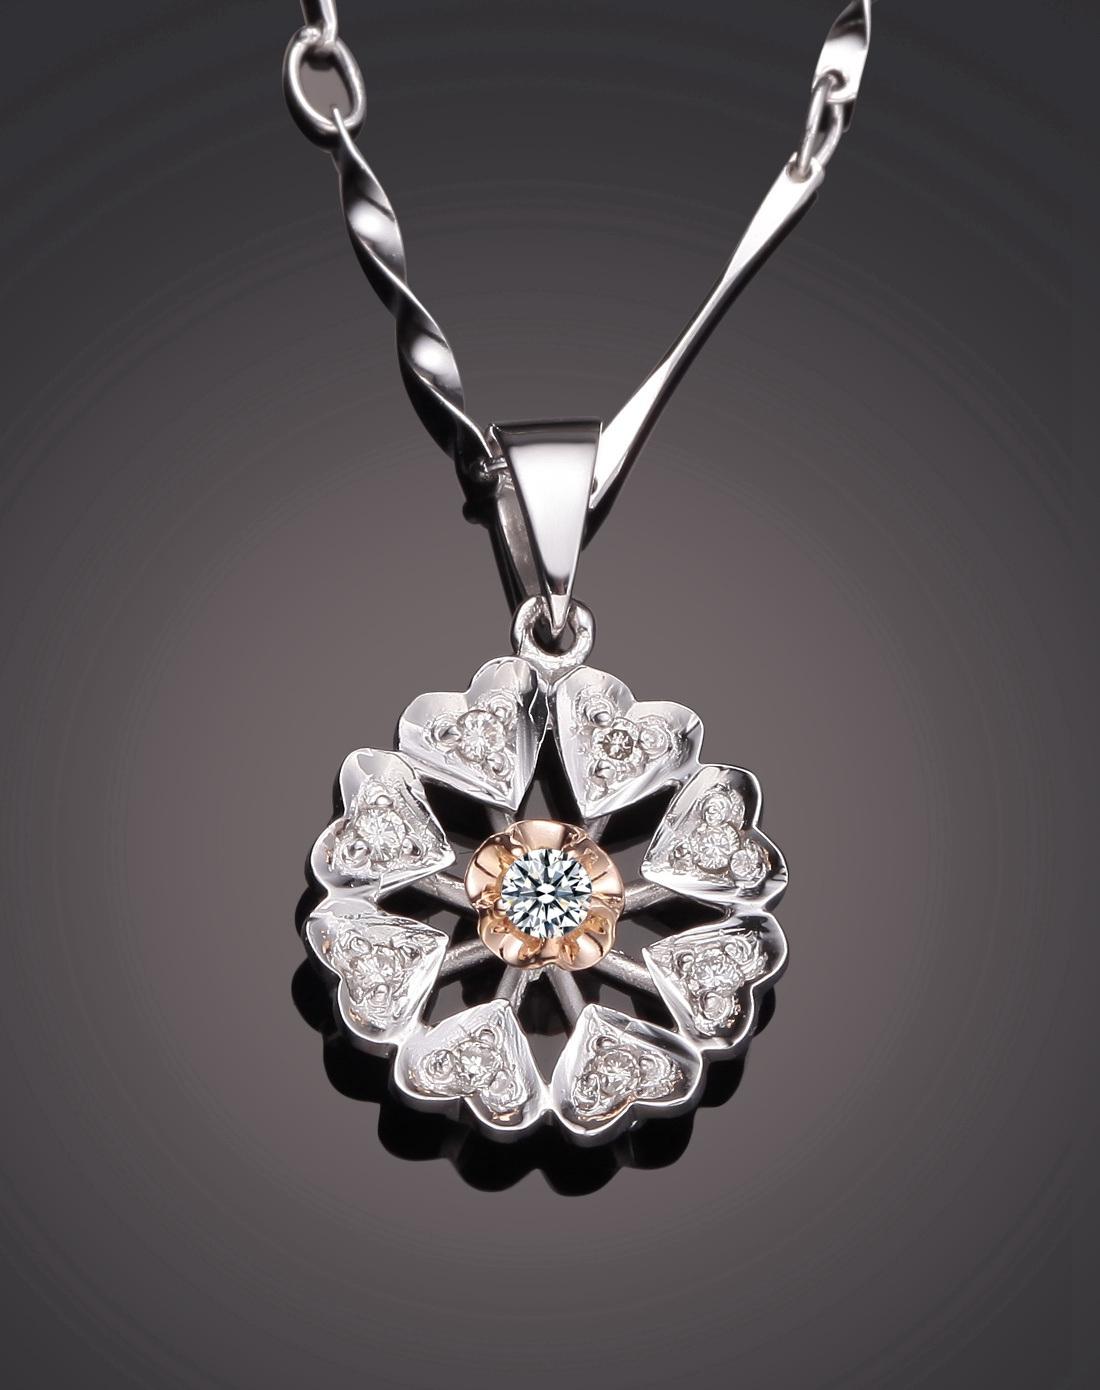 鑽石圆形吊坠